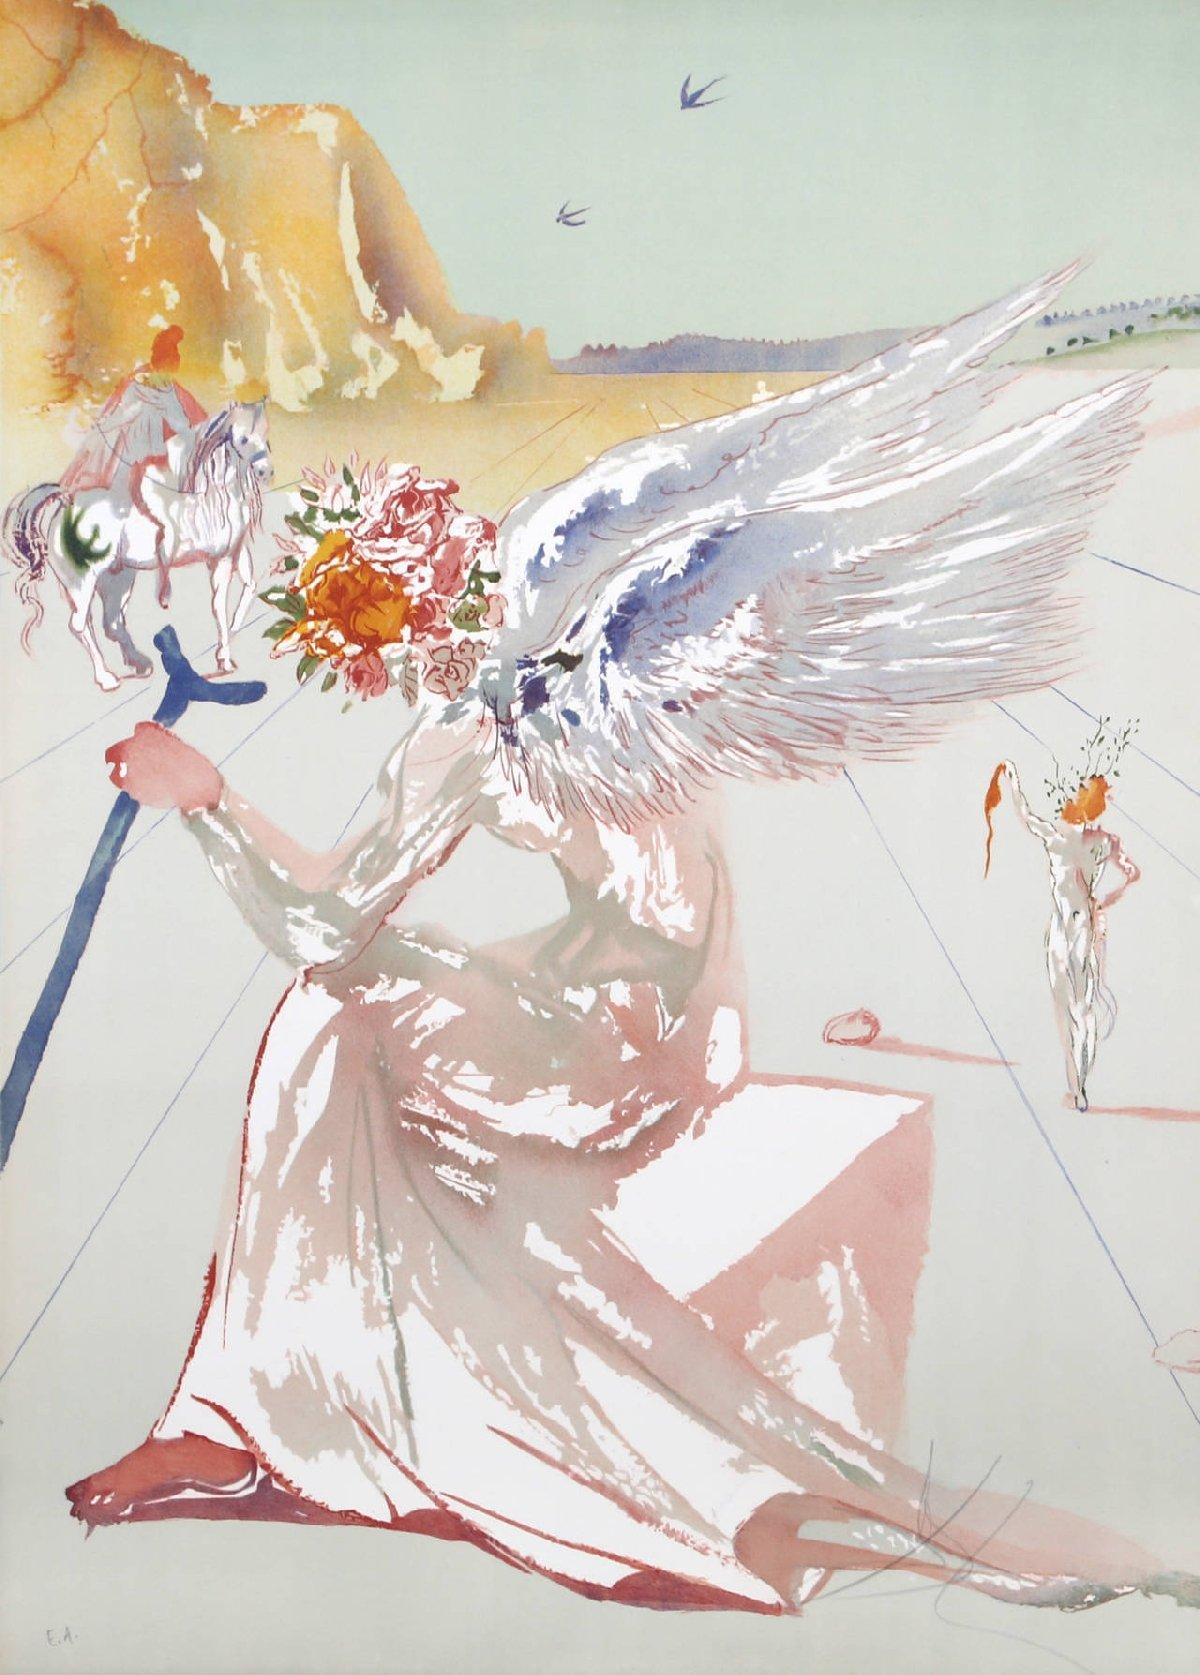 Выставка «Другое измерение. Графика искульптура сюрреализма»